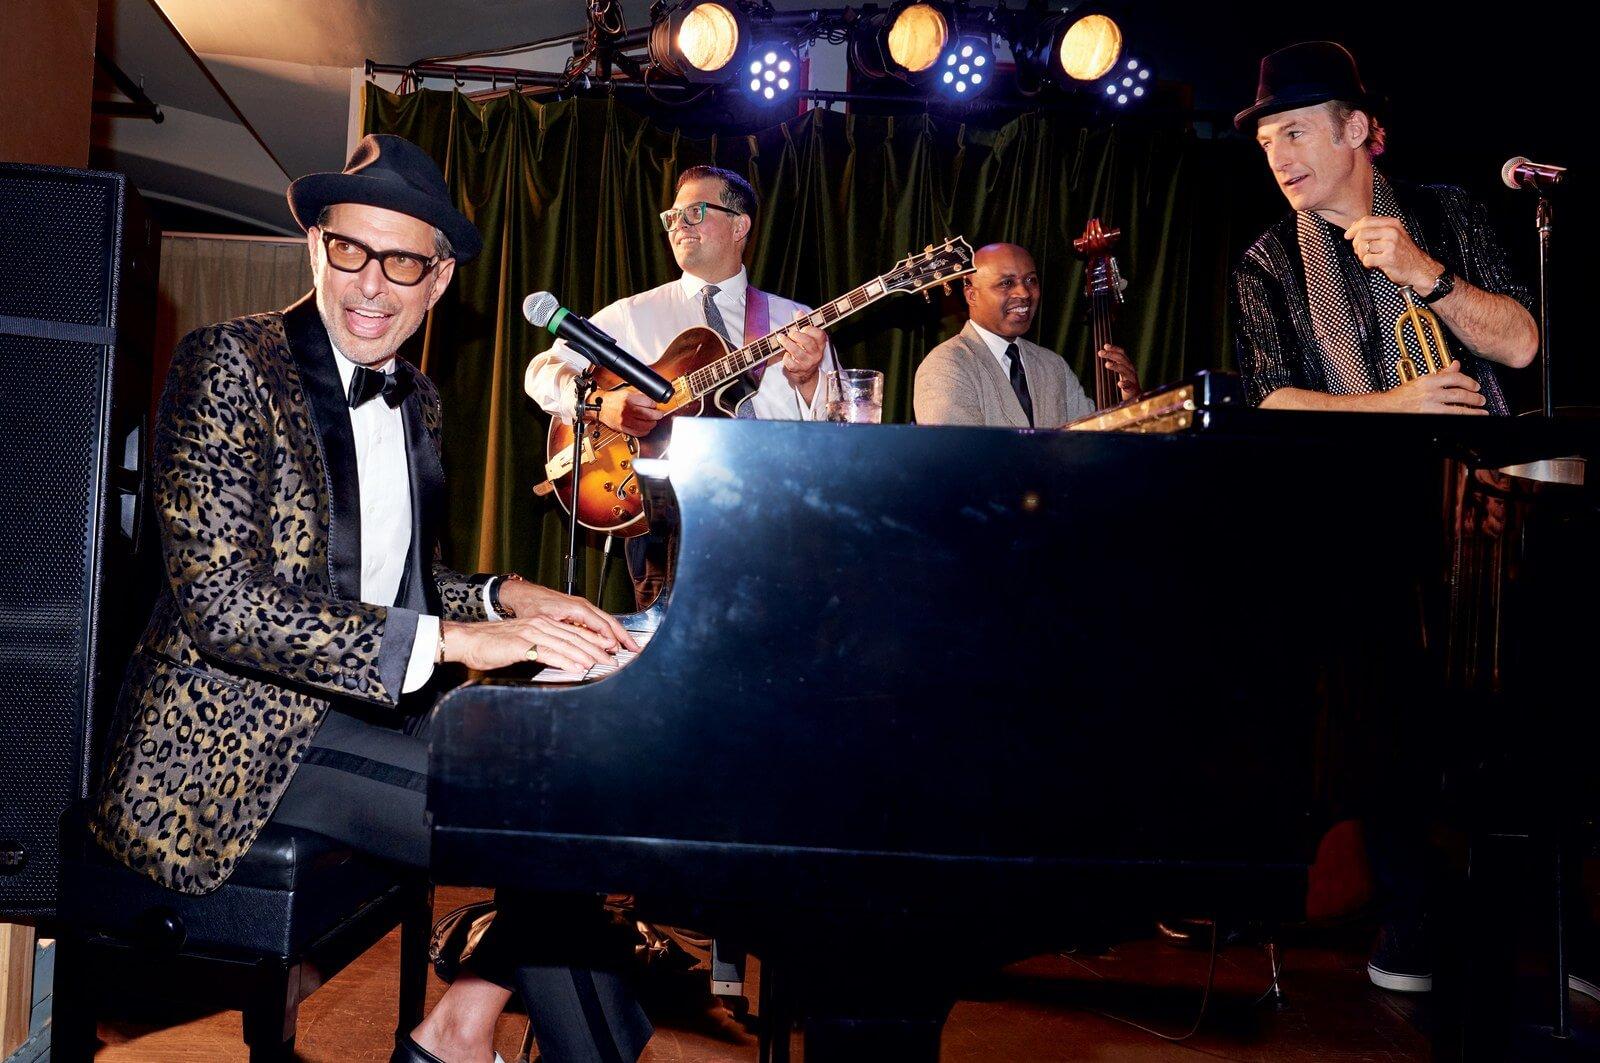 Jeff Goldblum plays piano